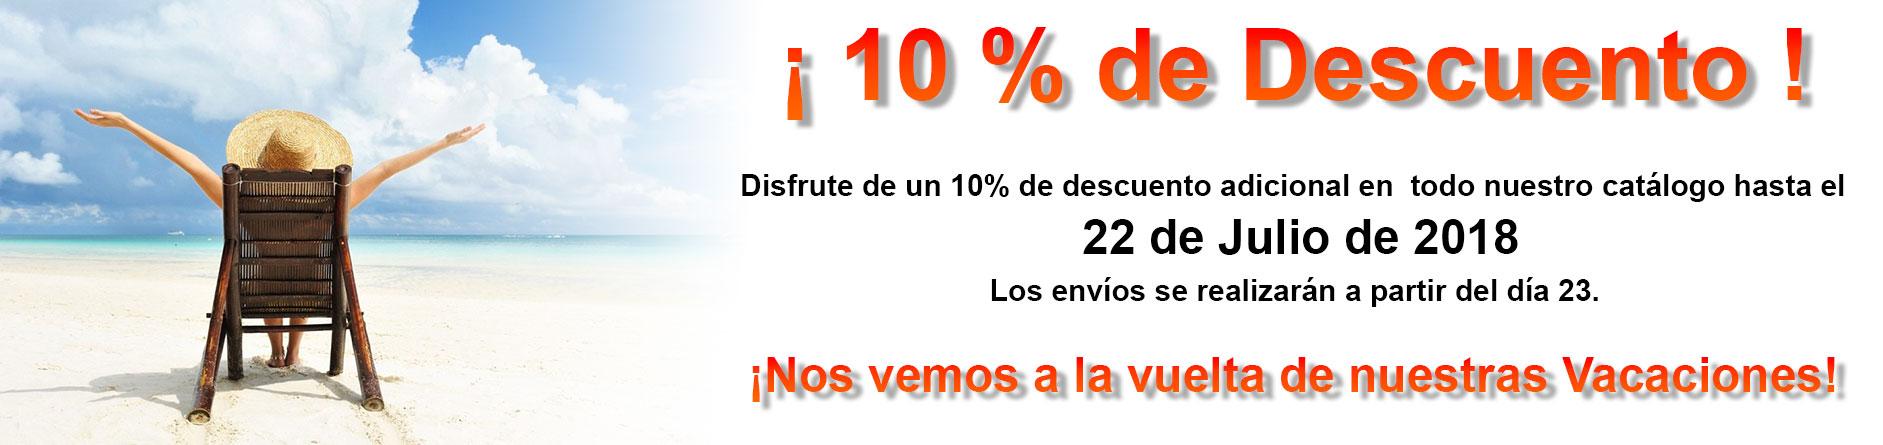 10% de Descuento durante nuestras vacaciones